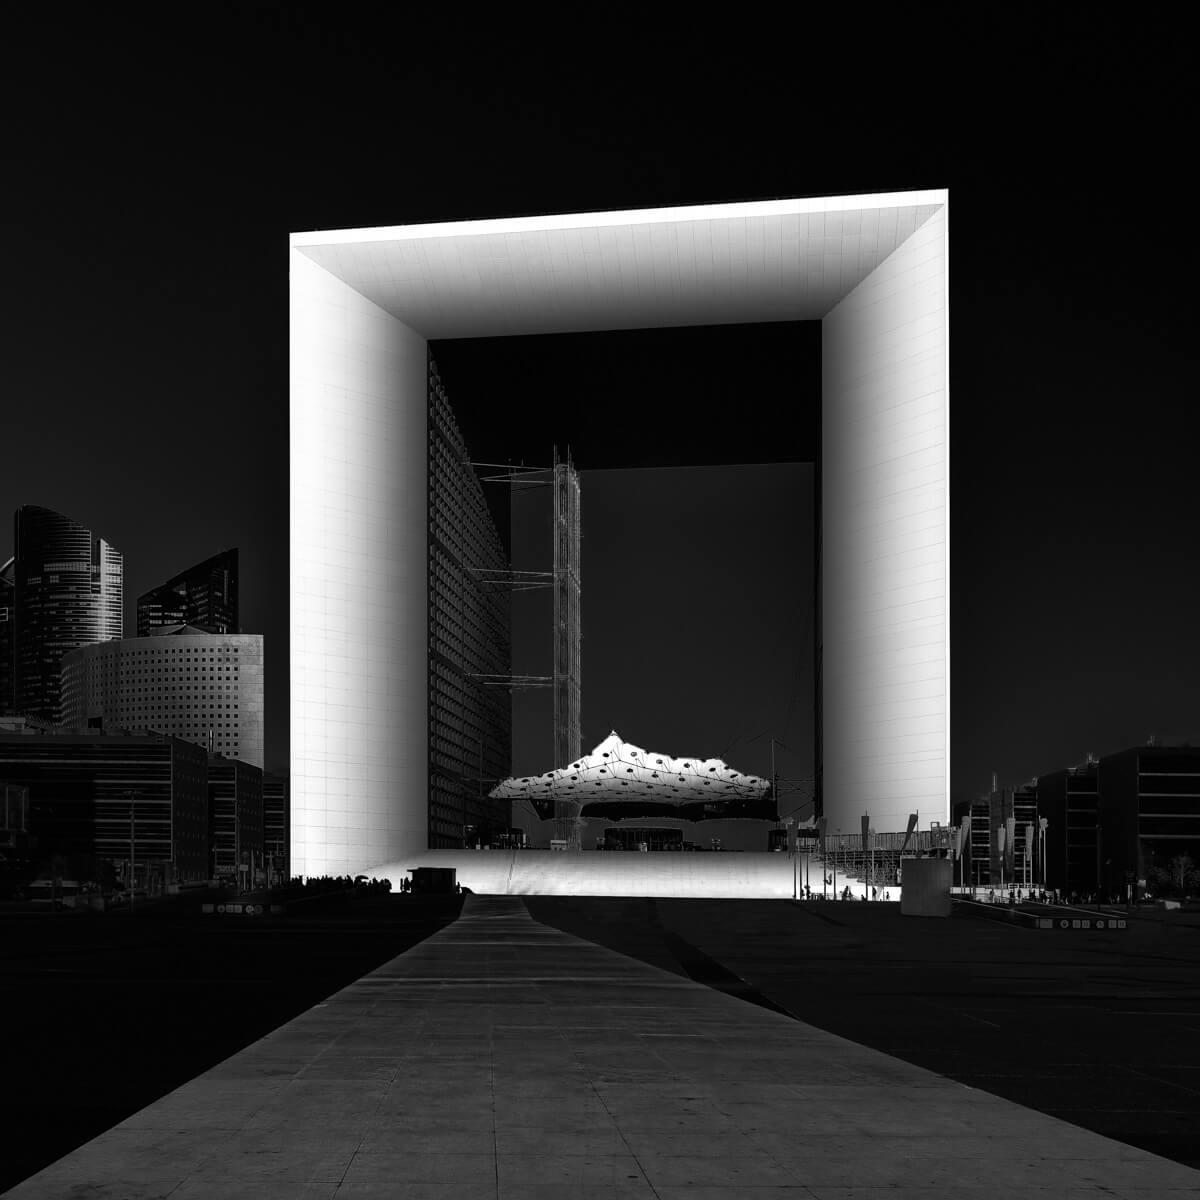 grande arche la defense tesseract paris black and white architecture